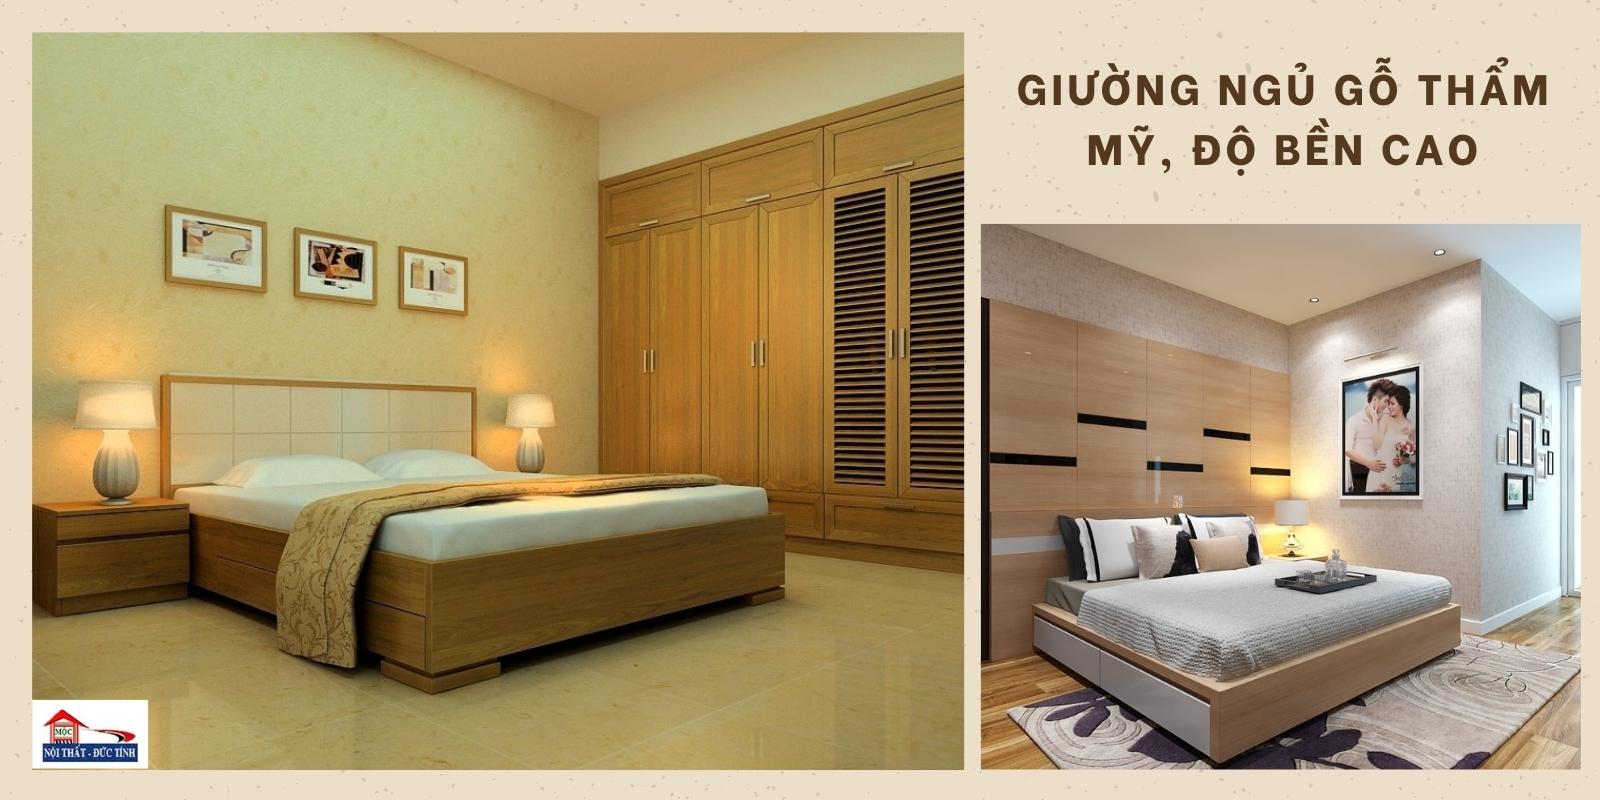 giường ngủ gỗ có độ bền cao